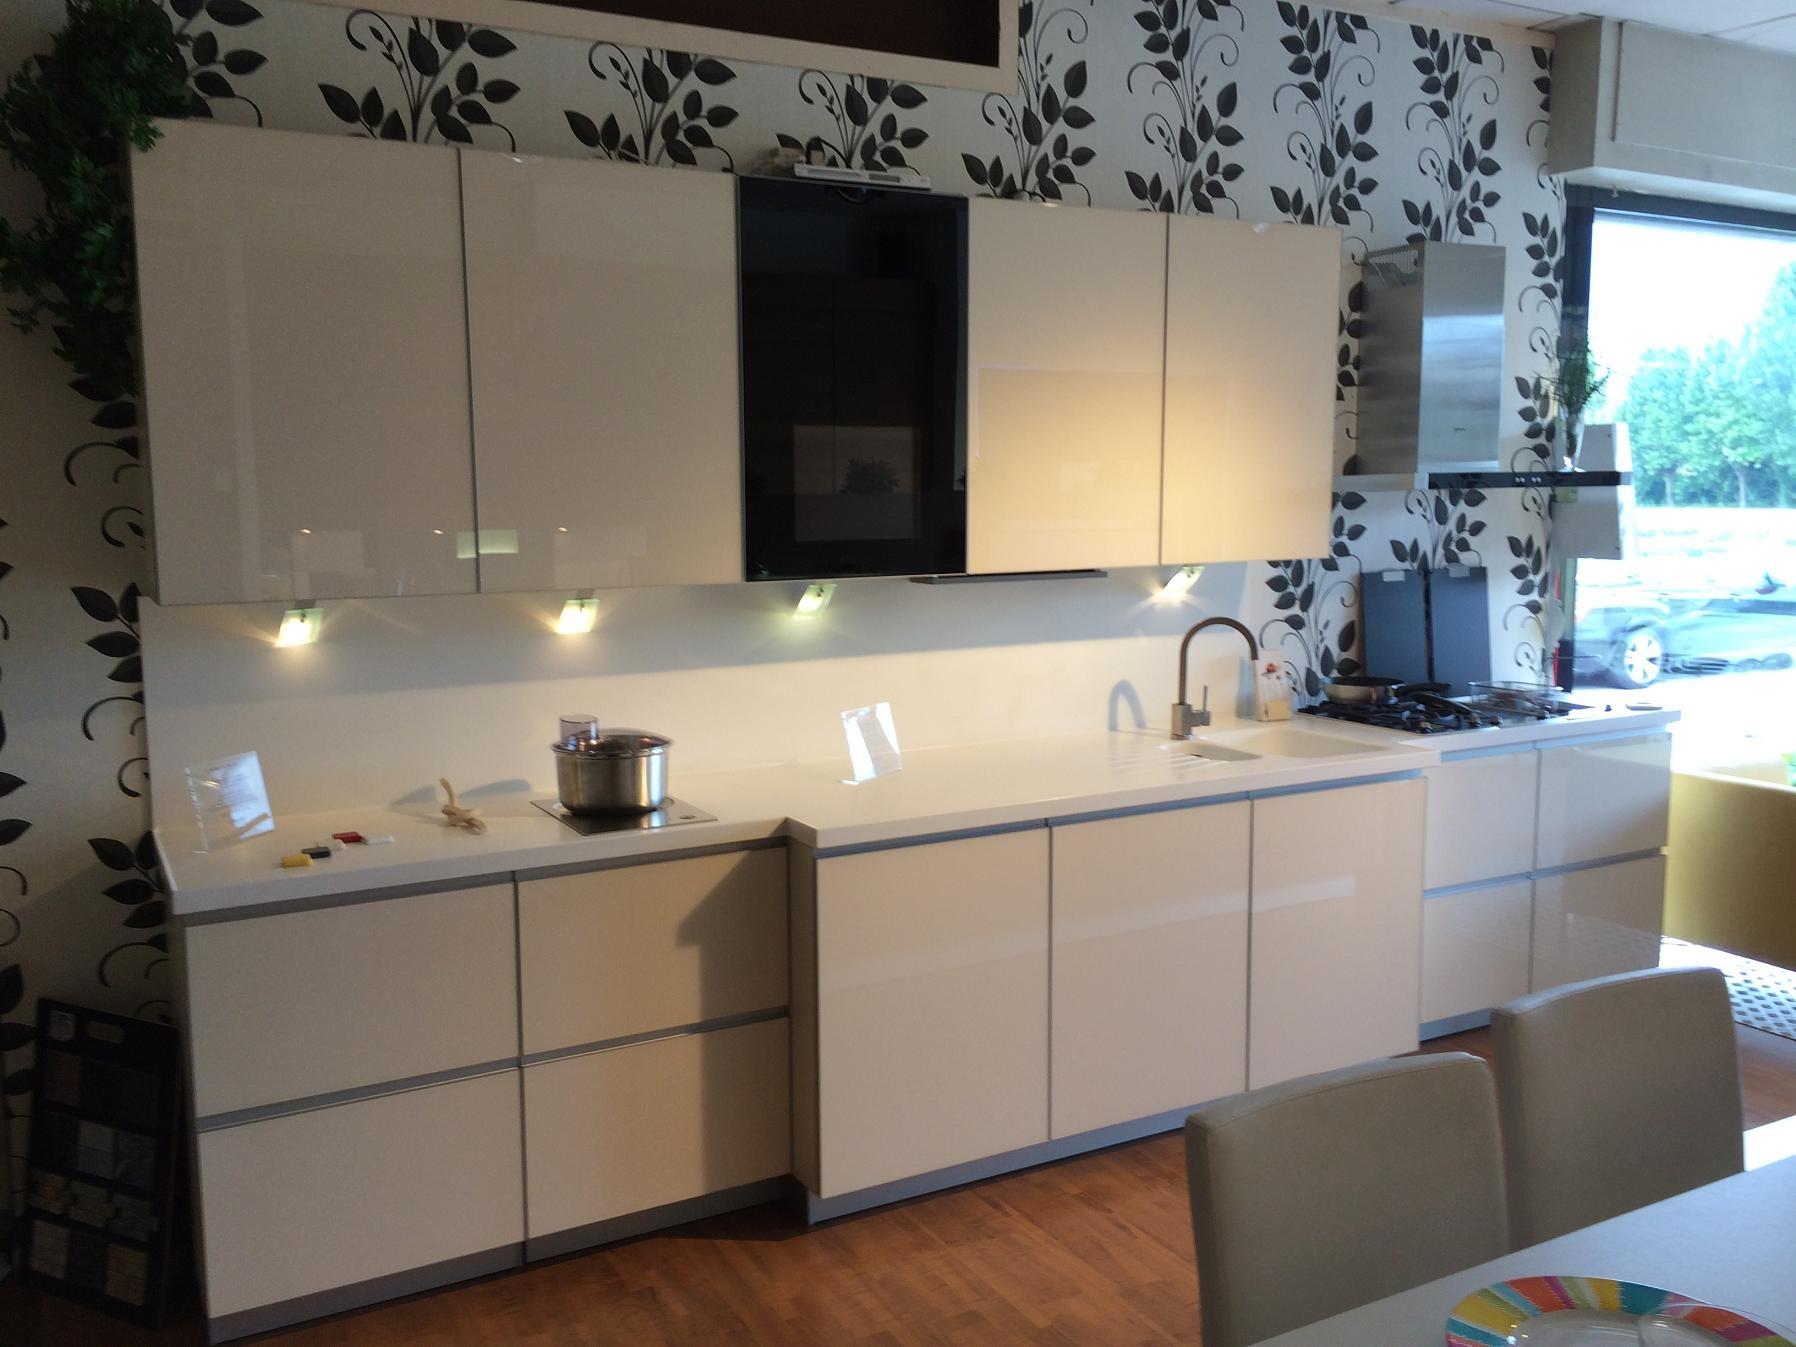 Cucina alno art pro vetro in offerta cucine a prezzi - Cucine alno prezzi ...